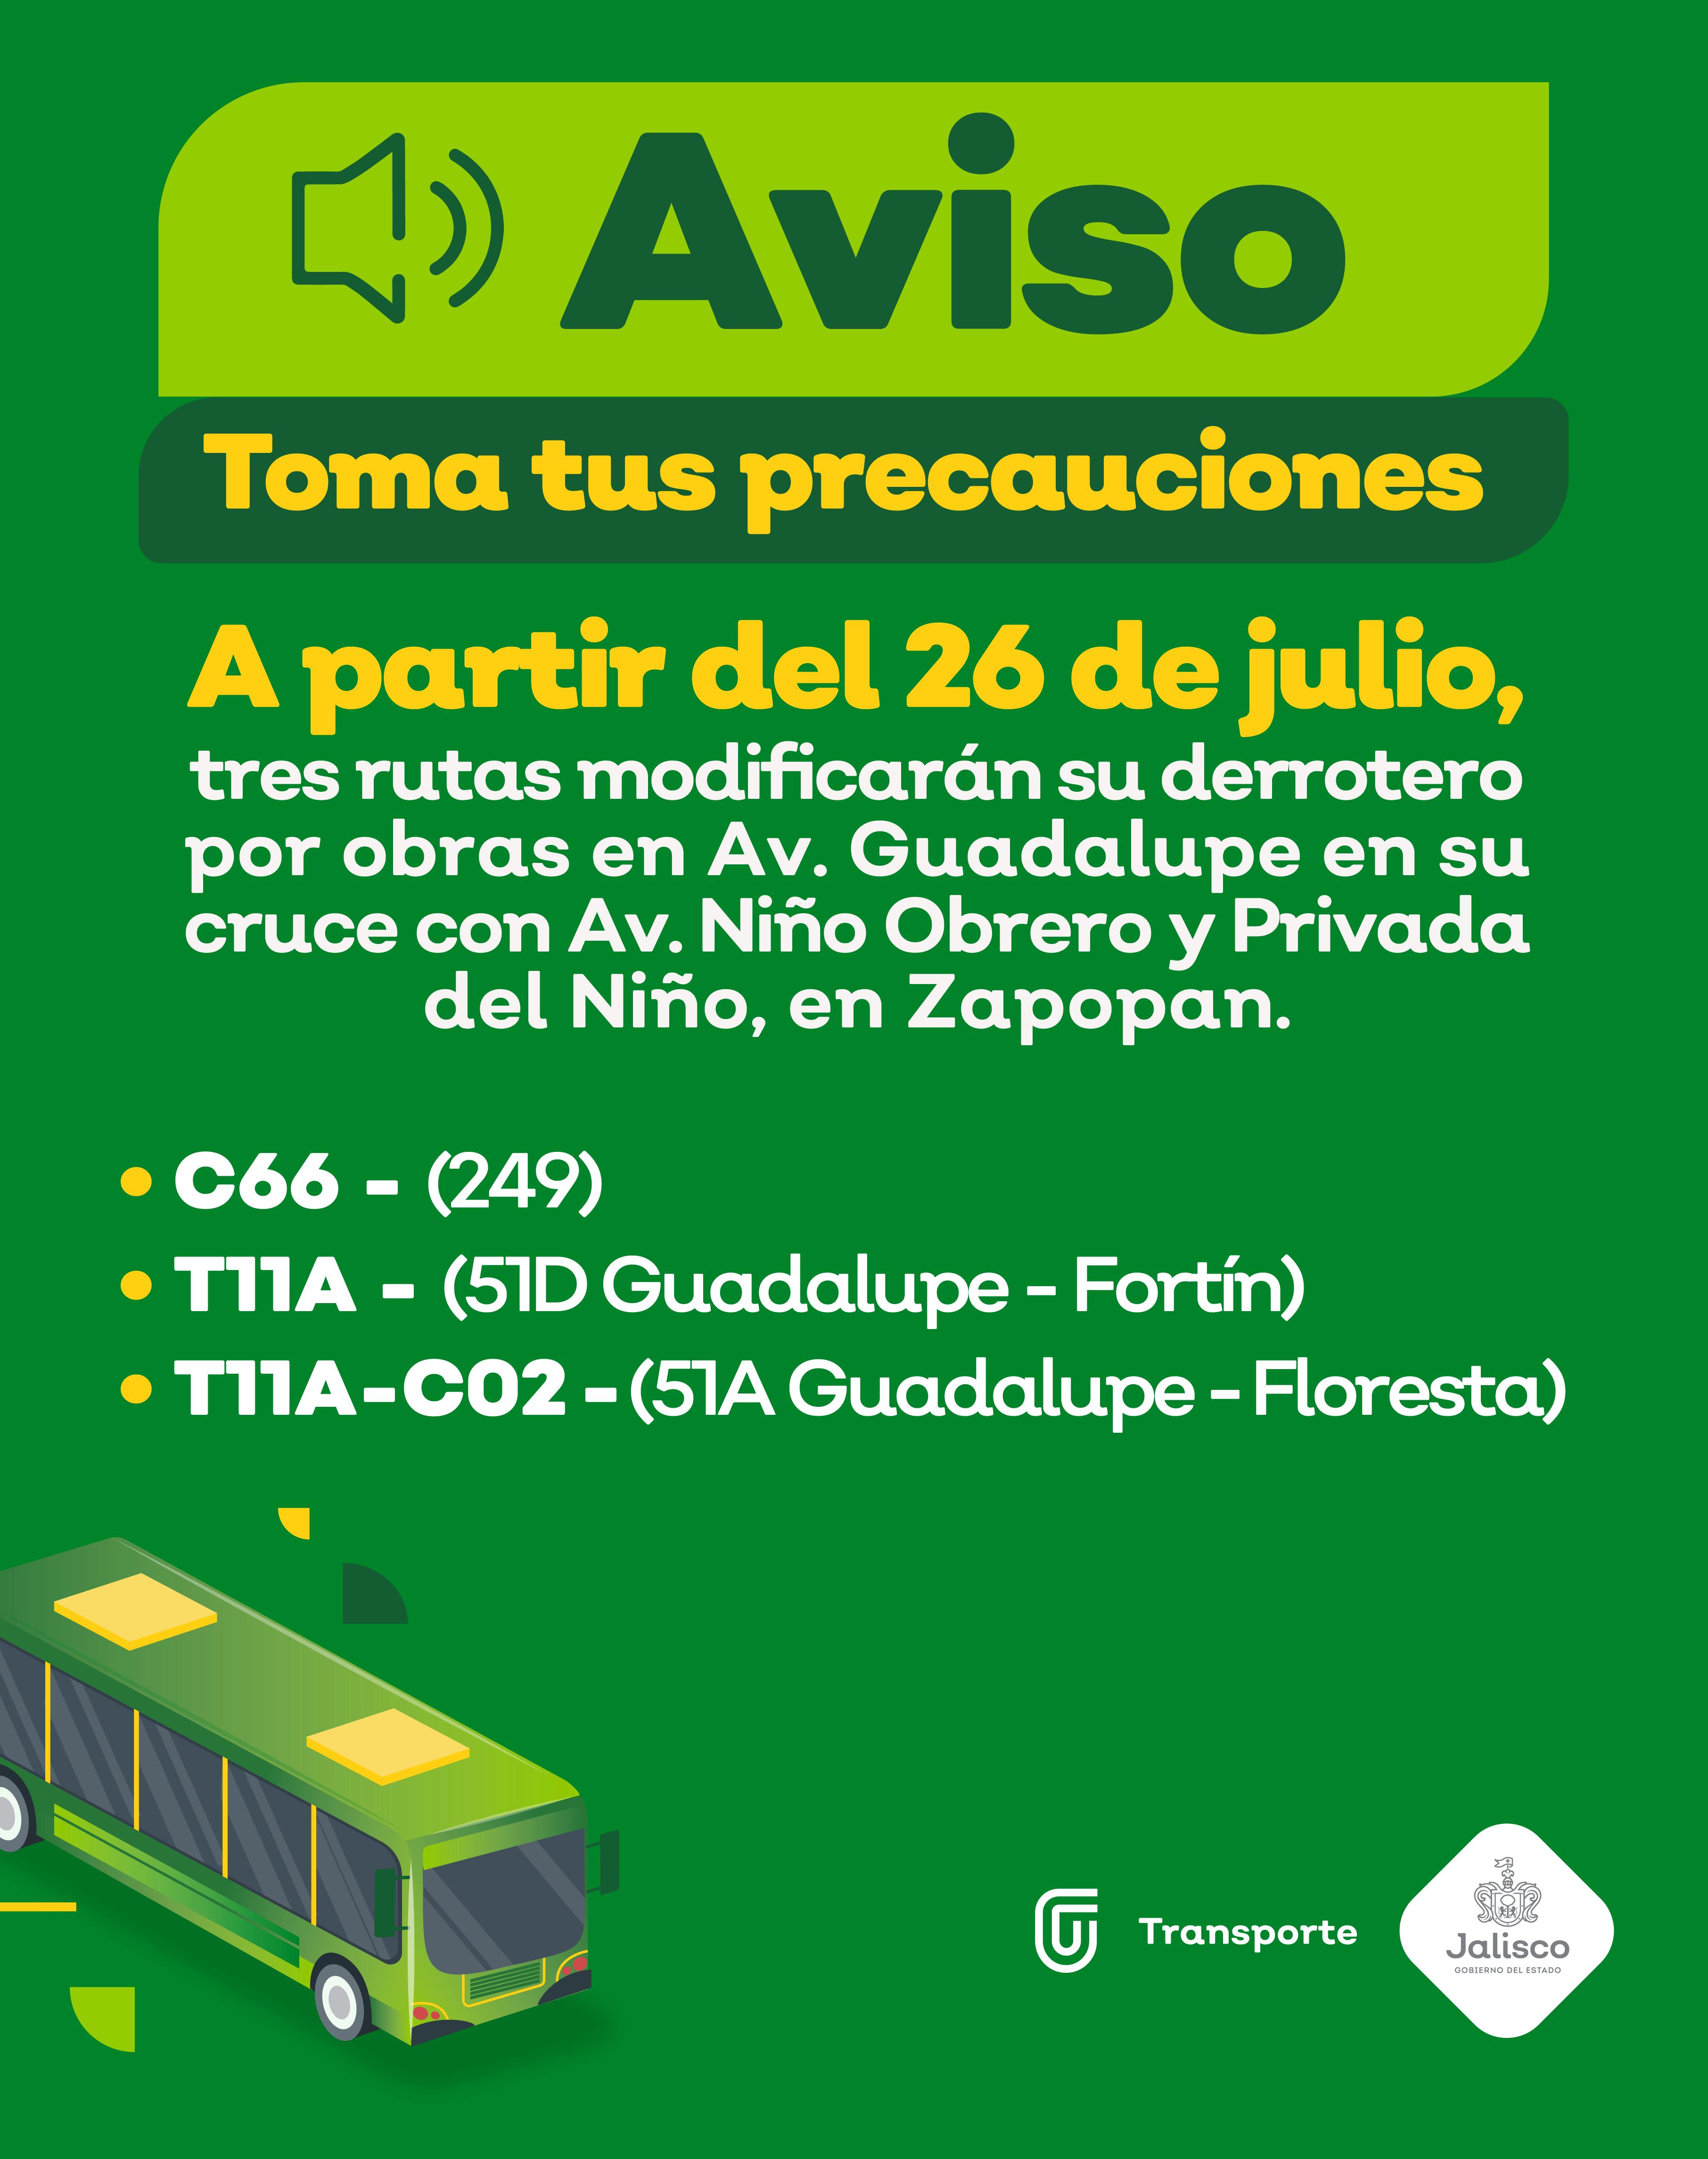 Tres rutas modificarán su derrotero por obras en Avenida Guadalupe, en Zapopan